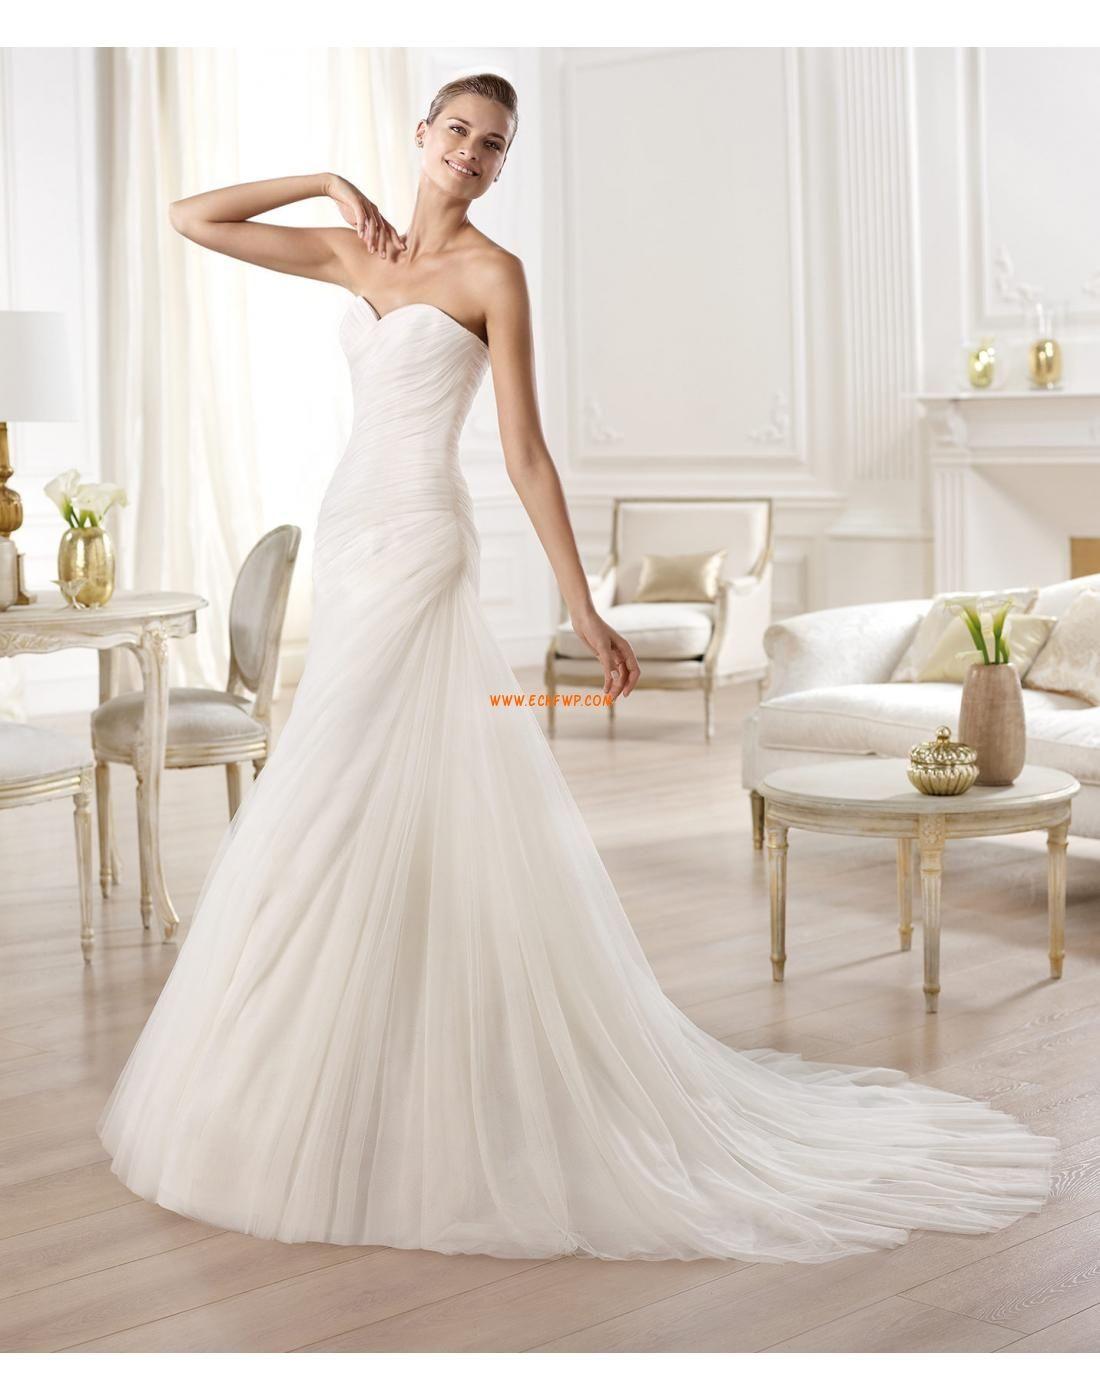 Herz-Ausschnitt Tülle Reißverschluss Brautkleider 2014   Chiffon ...